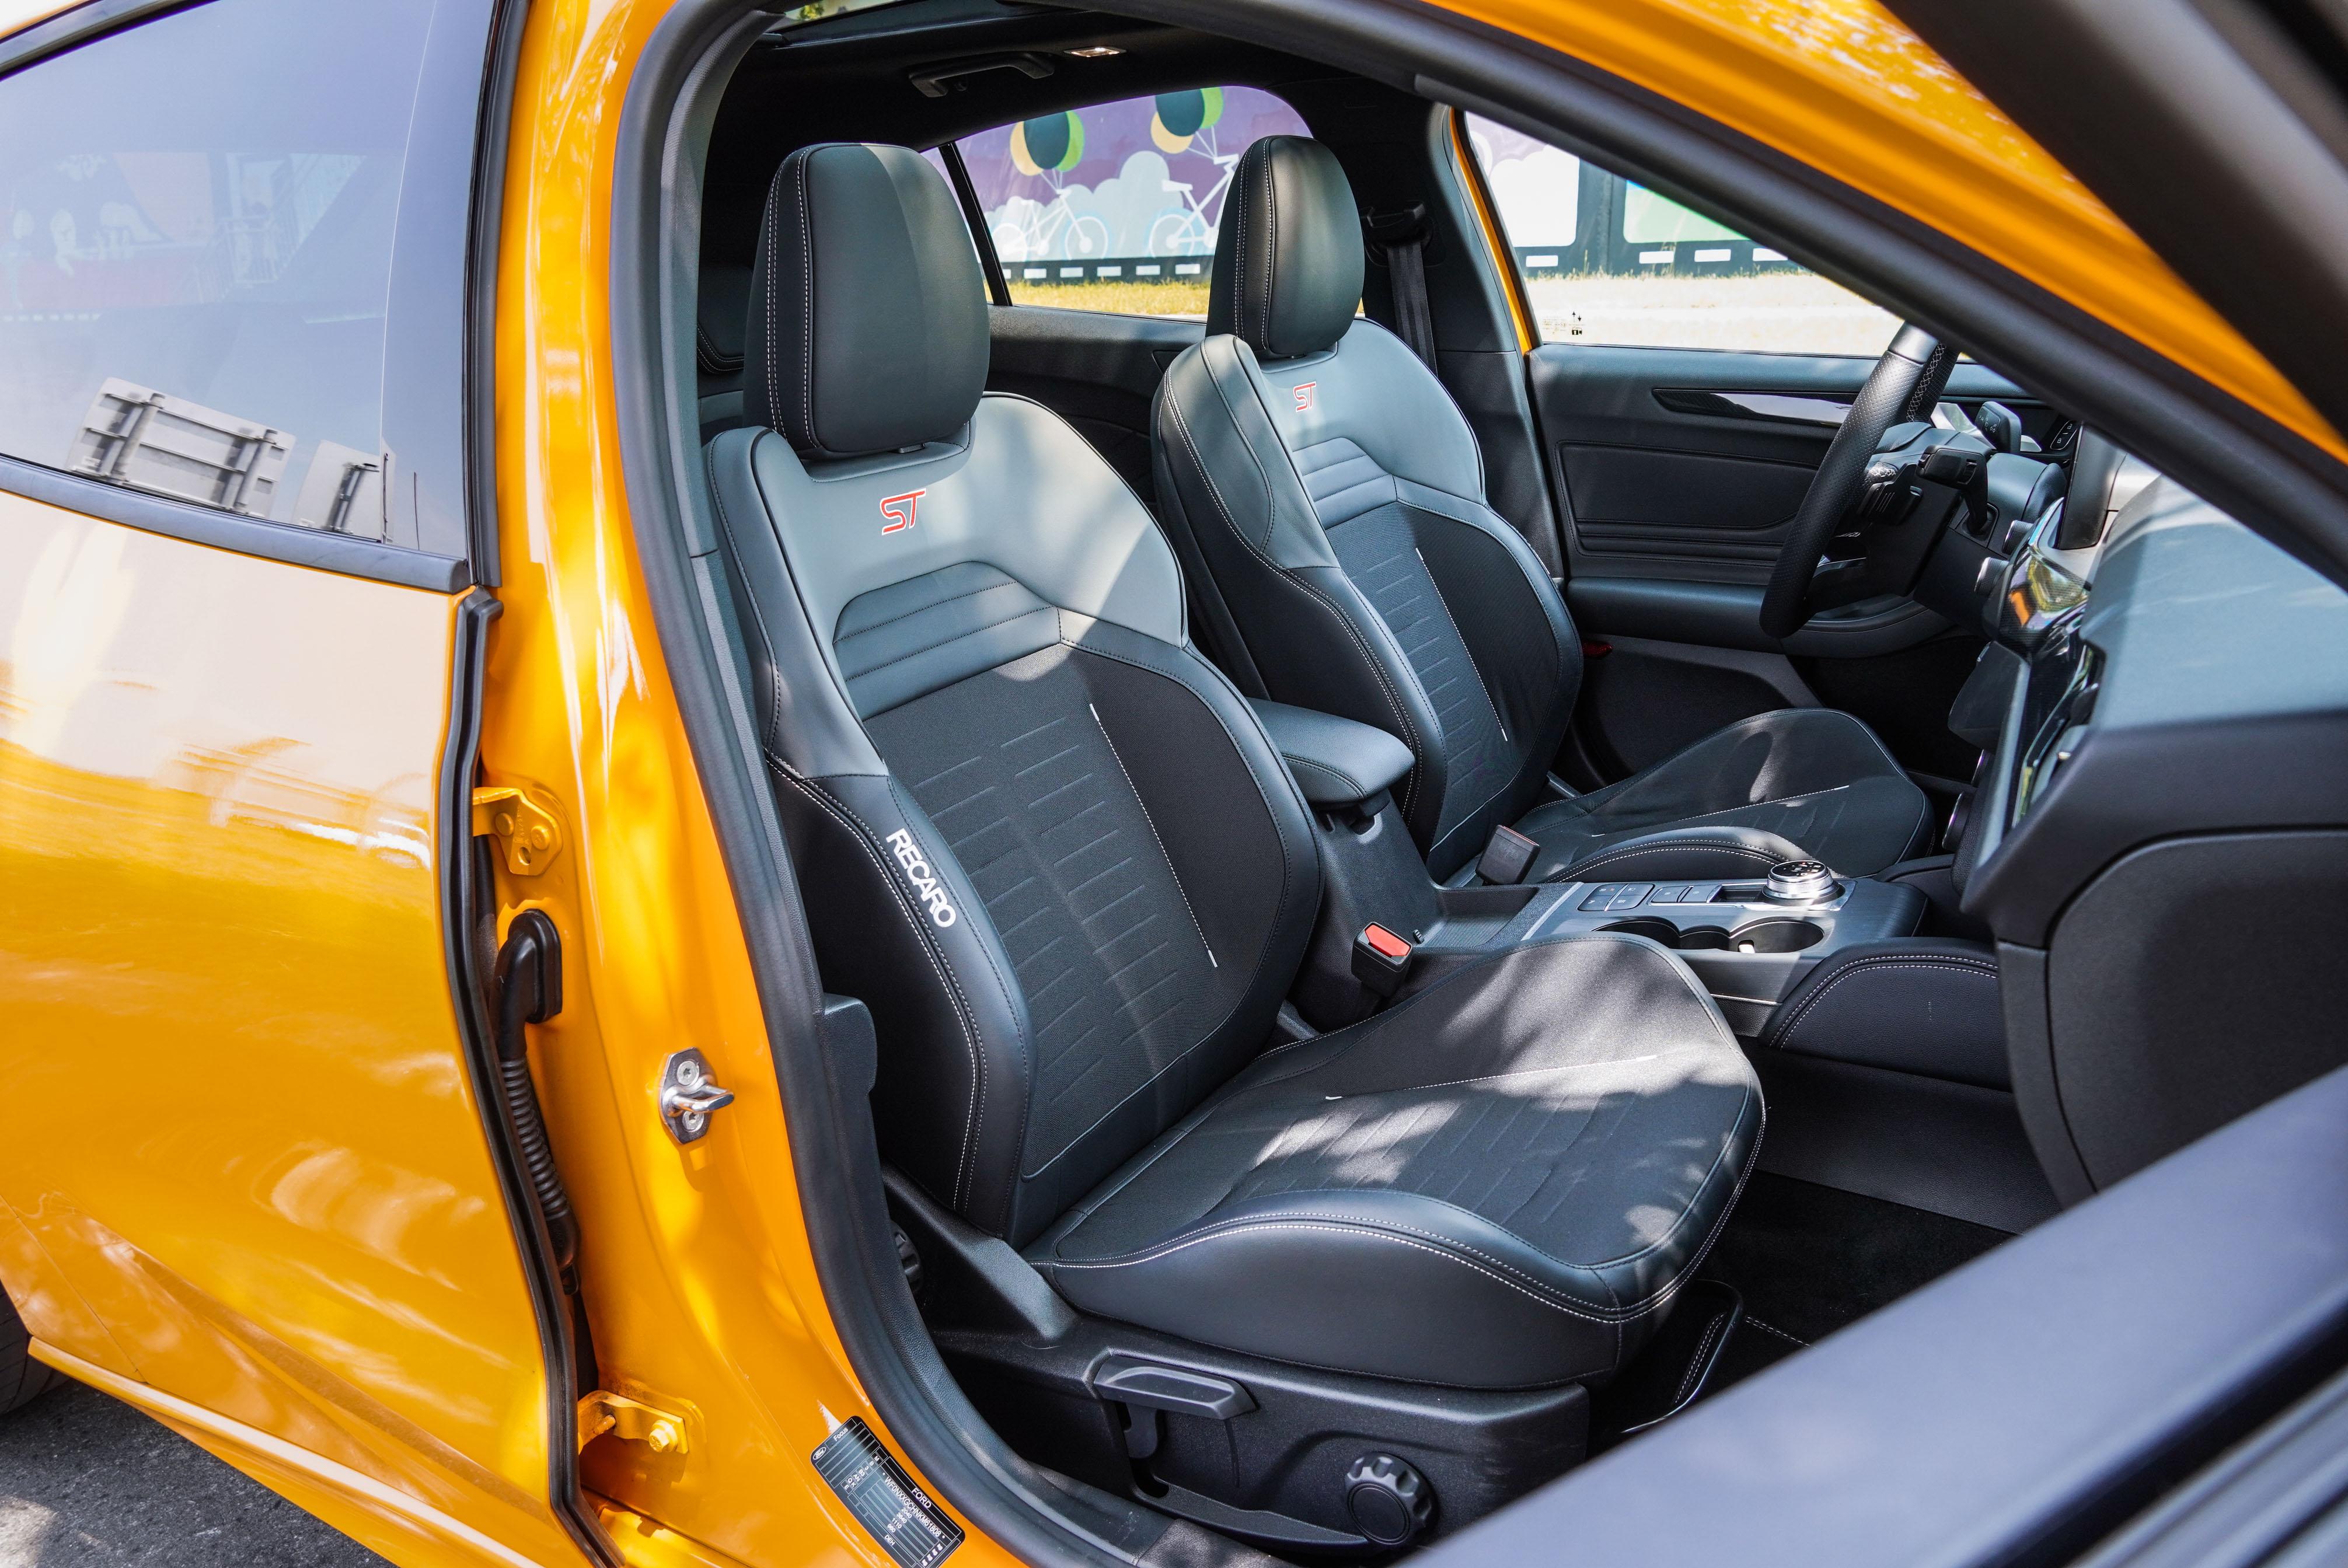 標配手動調整 Recaro 賽車桶椅。